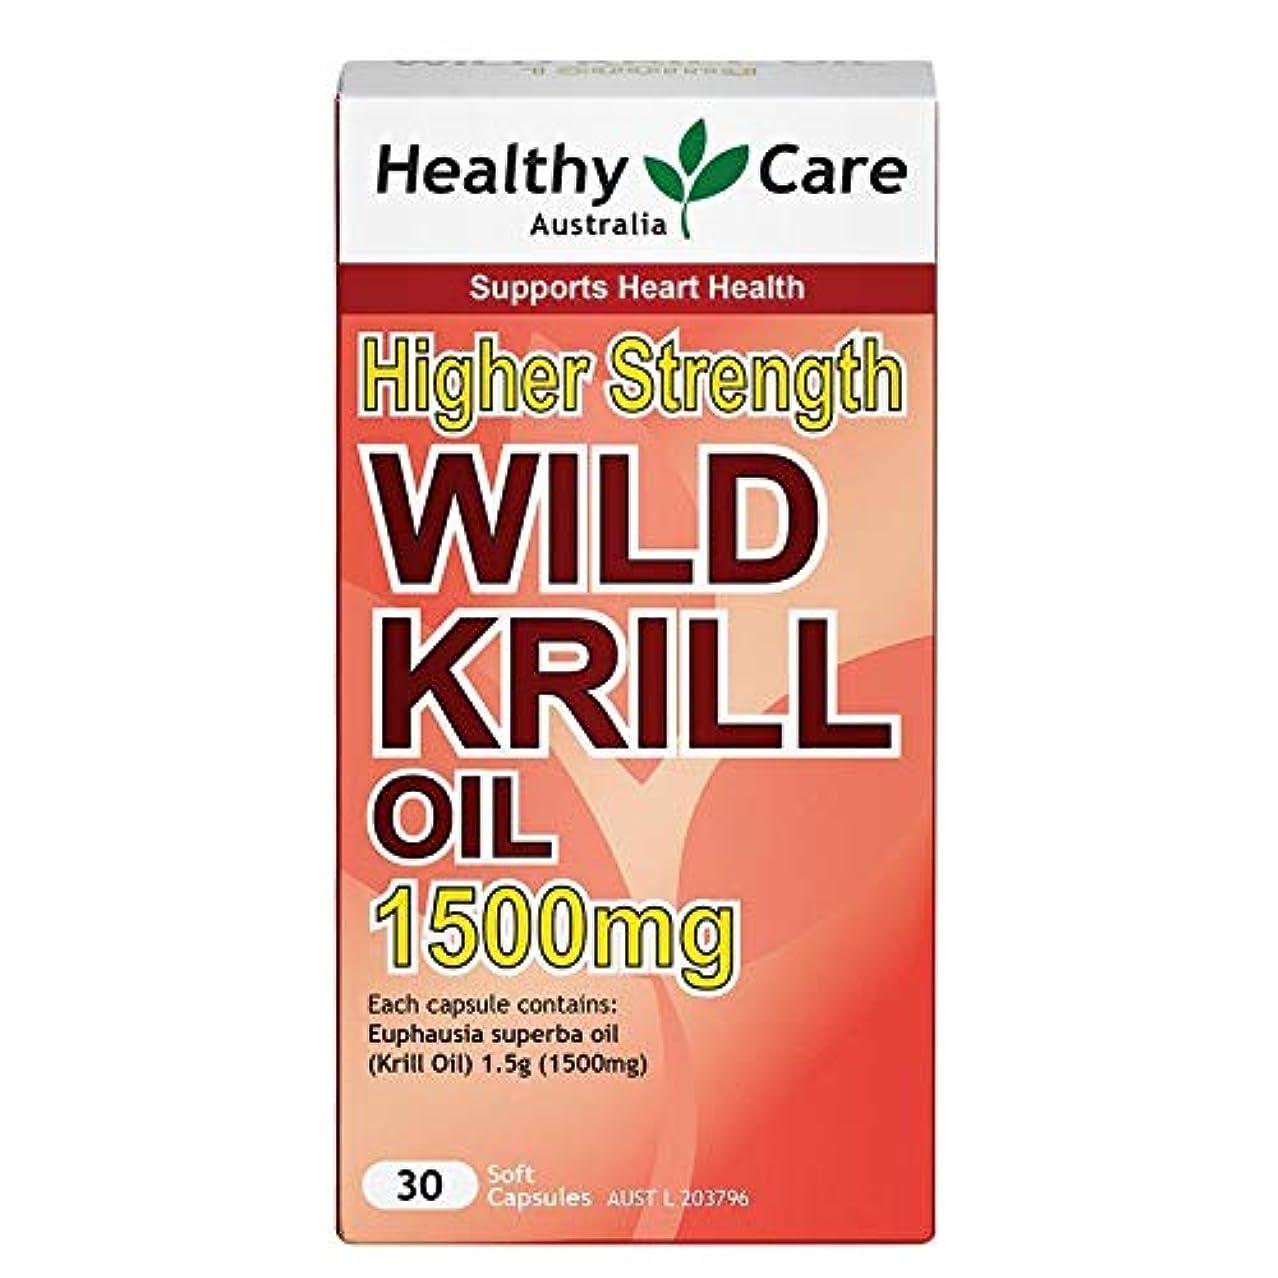 ボリューム準拠命題[Health Care]ワイルドオキアミオイル (30cap) Wild Krill Oil 1500mg [海外直送品]